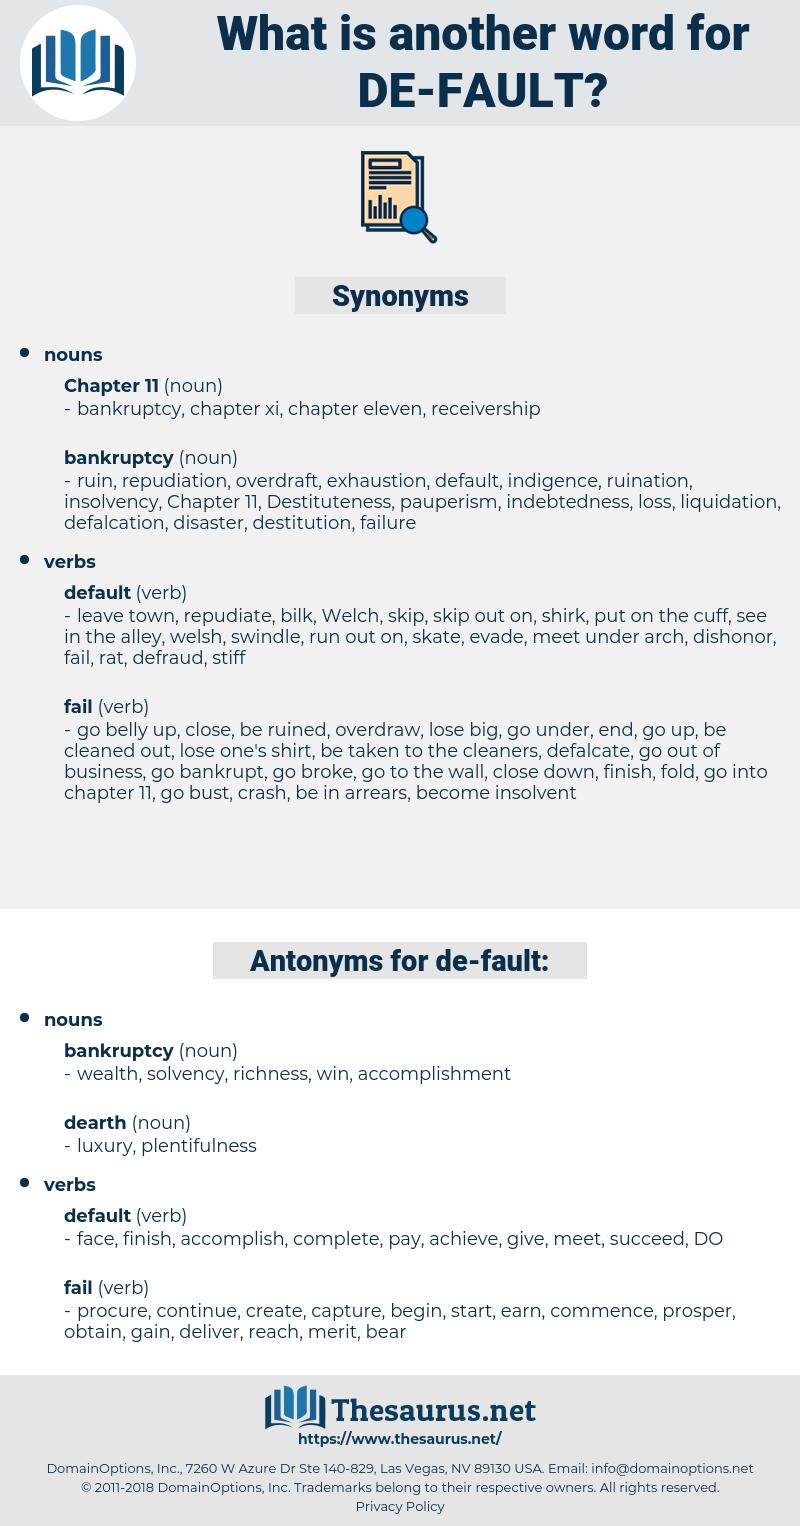 de fault, synonym de fault, another word for de fault, words like de fault, thesaurus de fault